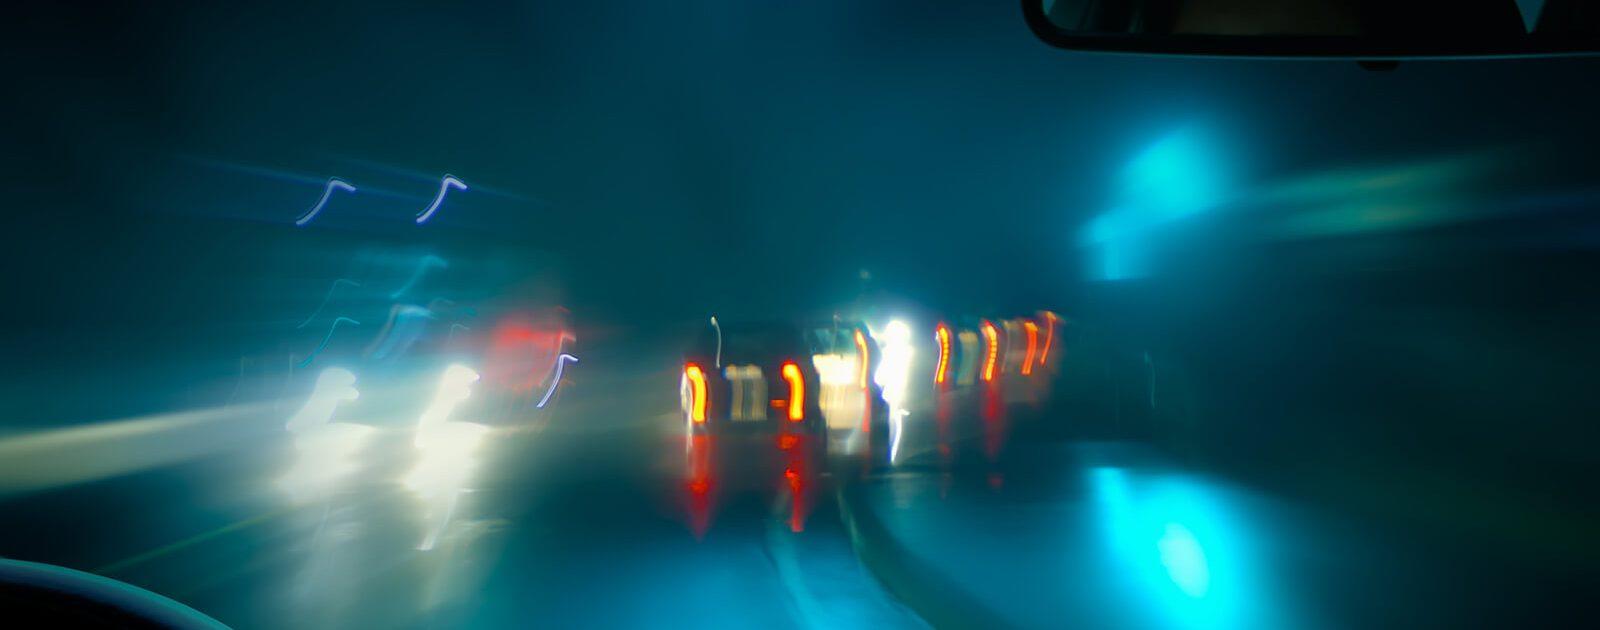 Blendeffekte, Augenflimmern und Blitze im Auge beeinträchtigen die Sicht beim Autofahren.